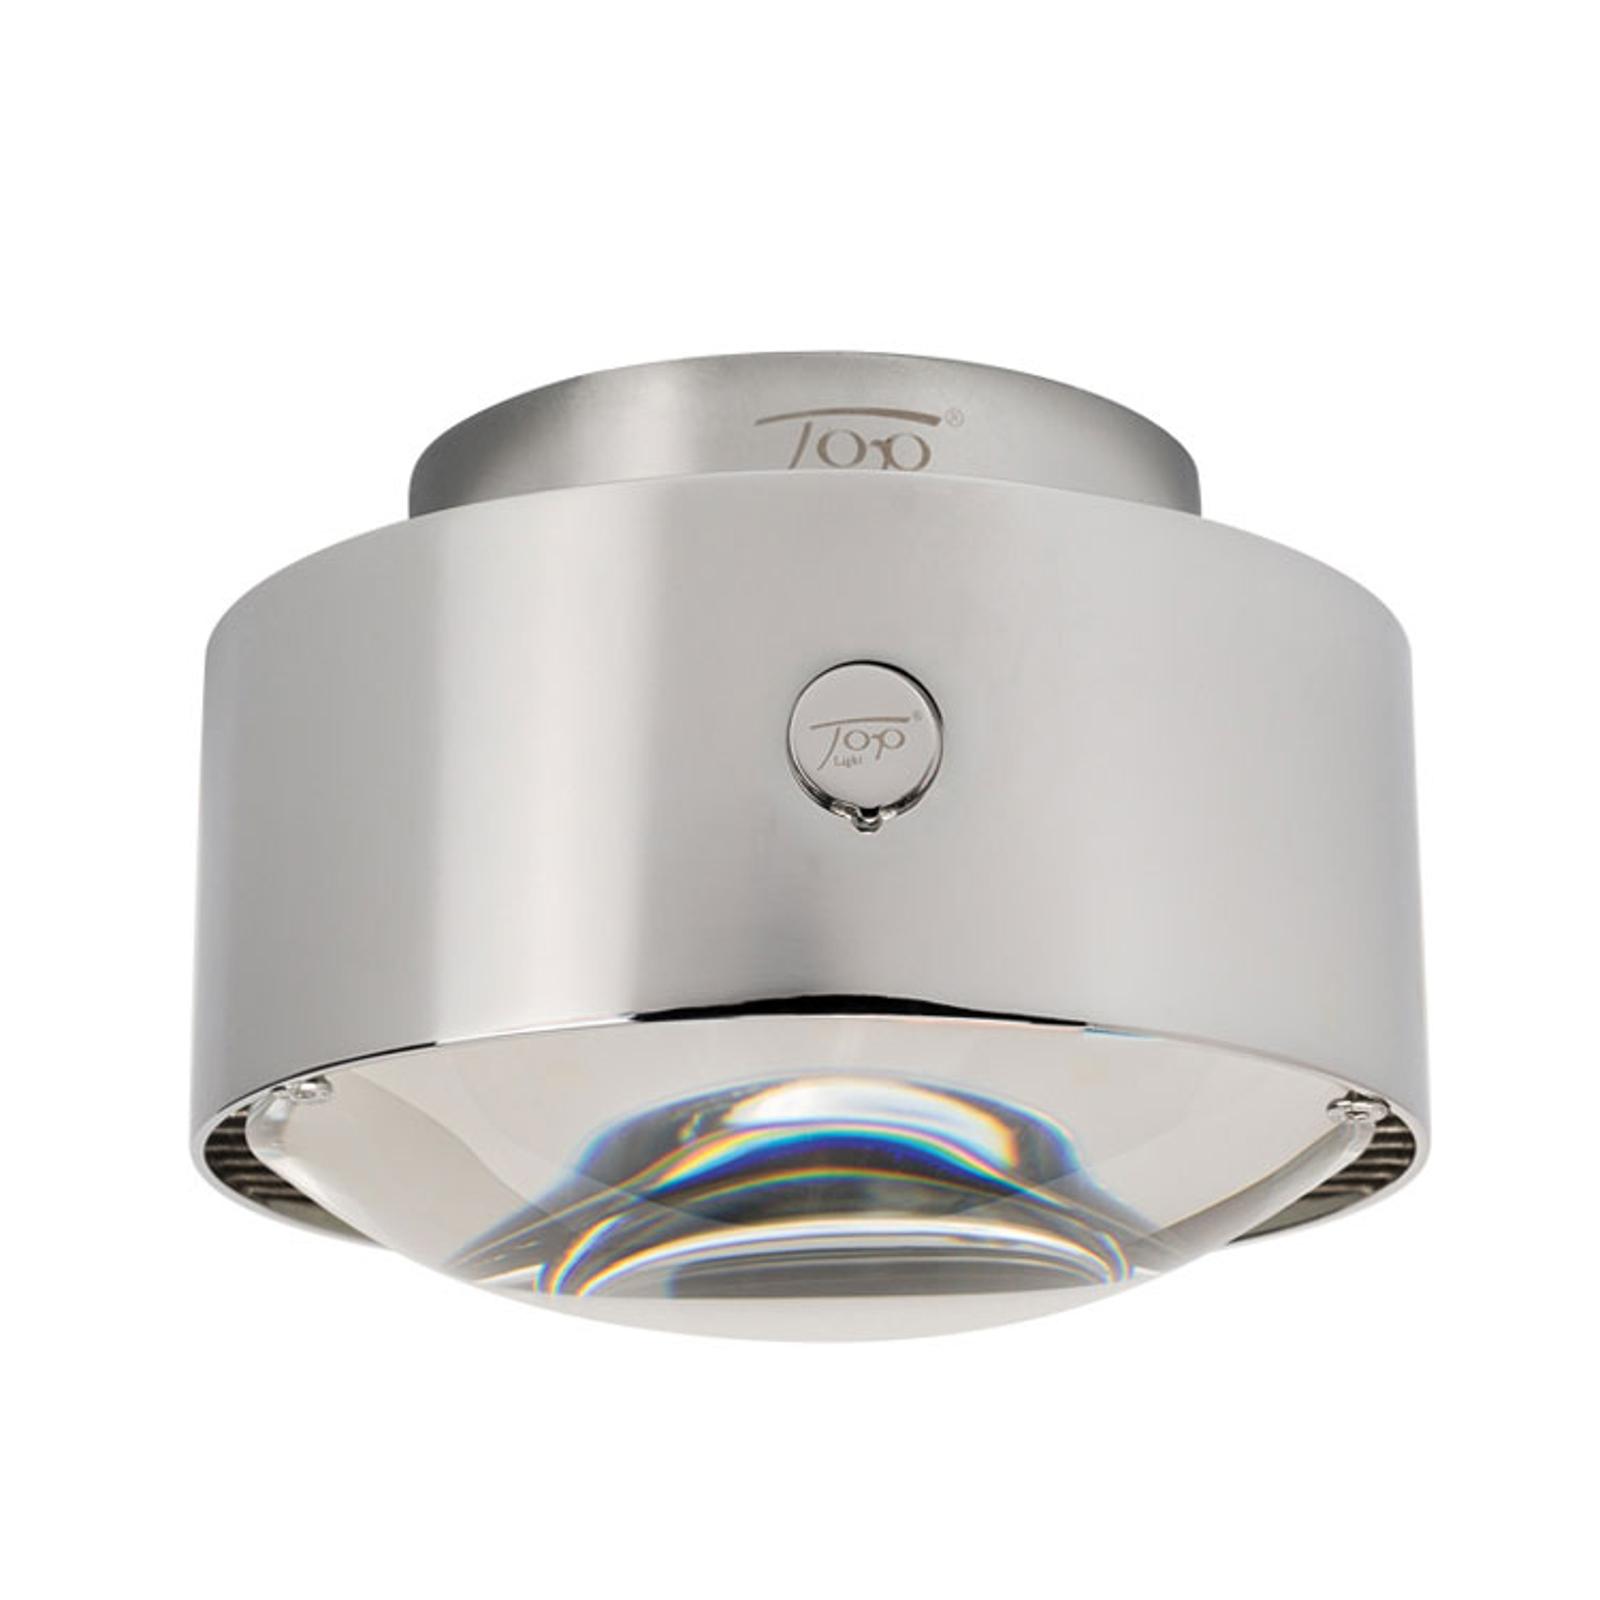 LED-Deckenleuchte Puk Maxx Plus, chrom matt